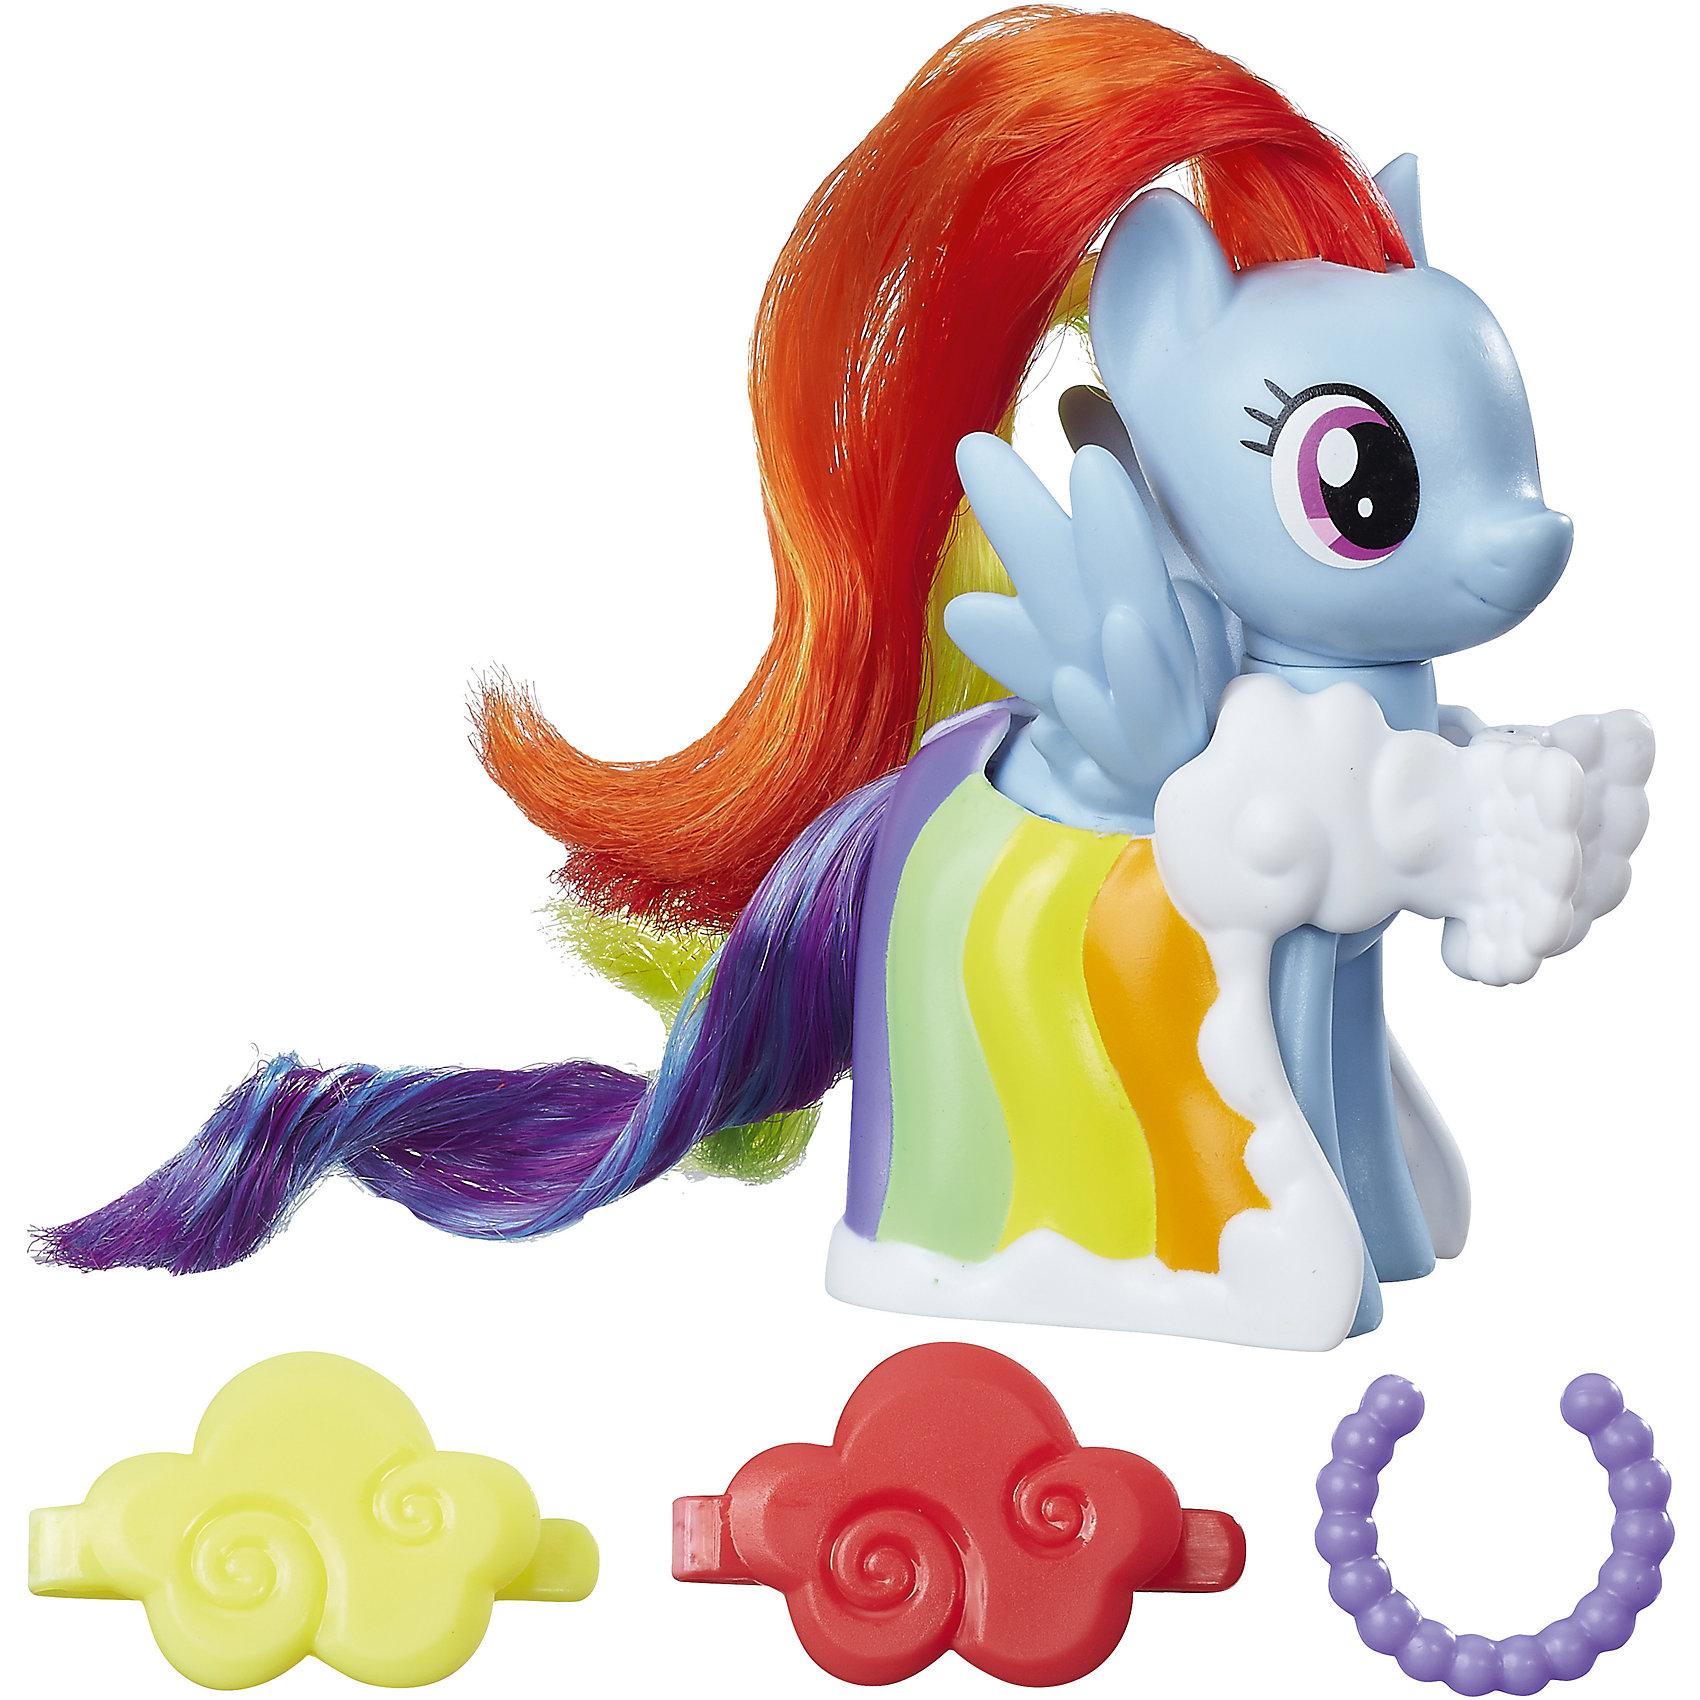 Игровой набор Hasbro My little Pony Пони-модницы, Рейнбоу ДэшЛюбимые герои<br>Характеристики товара:<br><br>• возраст: от 3 лет;<br>• материал: пластик;<br>• в комплекте: фигурка пони, аксессуары;<br>• размер фигурки: 8 см;<br>• размер упаковки: 18,4х17,8х4,8 см;<br>• вес упаковки: 145 гр.;<br>• страна производитель: Китай.<br><br>Игровой набор «Пони-модницы» My Little Pony Hasbro создан по мотивам известного мультсериала. В наборе фигурка пони Рейнбоу Дэш с разноцветной гривой и костюмом цветов радуги. Стильные аксессуары дополнят образ маленькой пони. Мягкий хвостик и гриву можно расчесывать, заплетать, украшать, придумывая каждый раз новый оригинальный образ. <br><br>Игровой набор «Пони-модницы» My Little Pony Hasbro B8810/B9622 можно приобрести в нашем интернет-магазине.<br><br>Ширина мм: 48<br>Глубина мм: 178<br>Высота мм: 184<br>Вес г: 145<br>Возраст от месяцев: 36<br>Возраст до месяцев: 2147483647<br>Пол: Женский<br>Возраст: Детский<br>SKU: 6674411